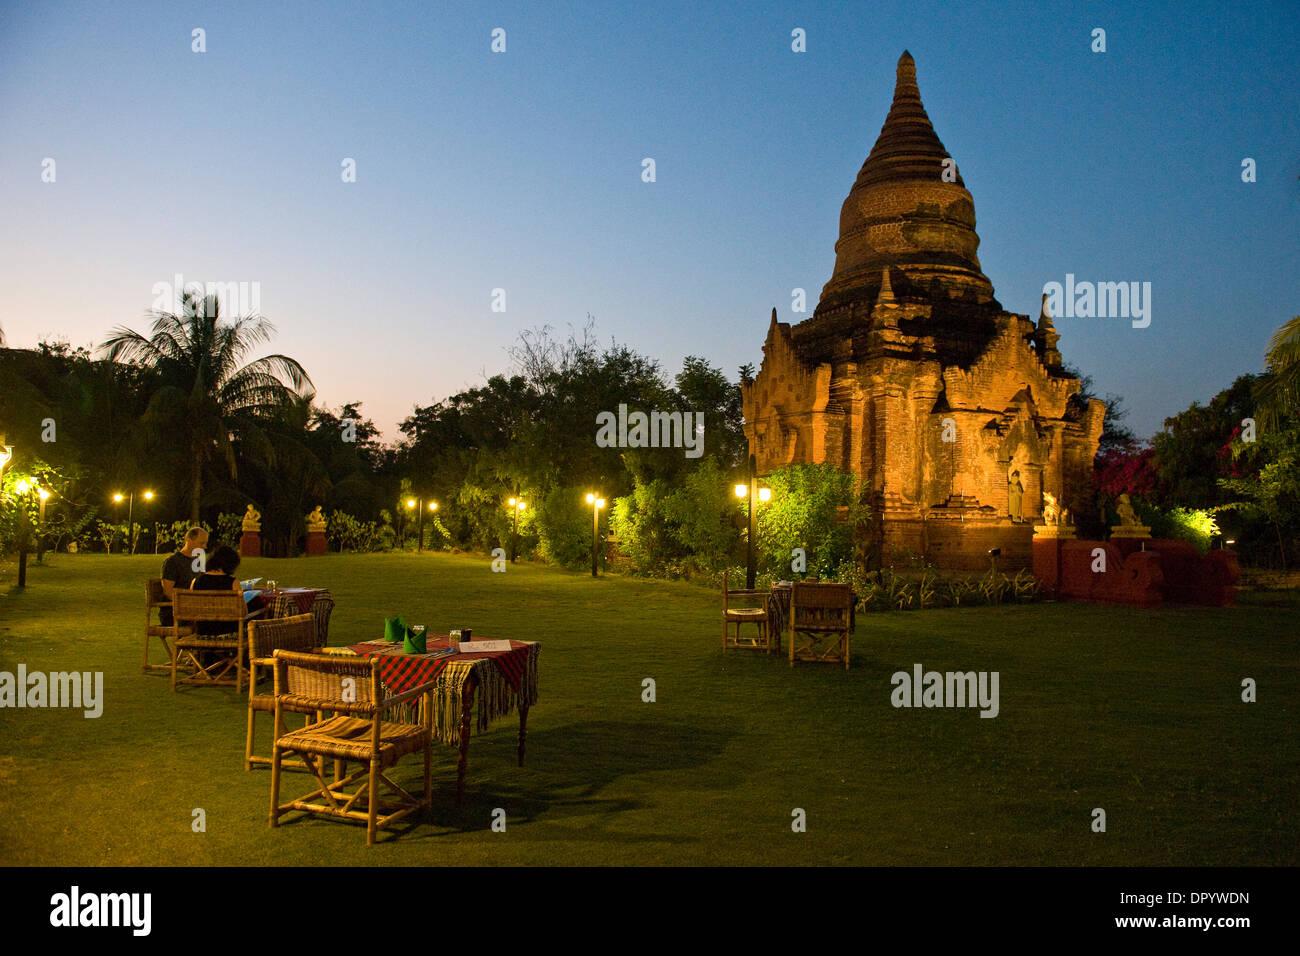 Myanmar, Bagan, Thazin Garden Hotel Stock Photo: 65766225 - Alamy